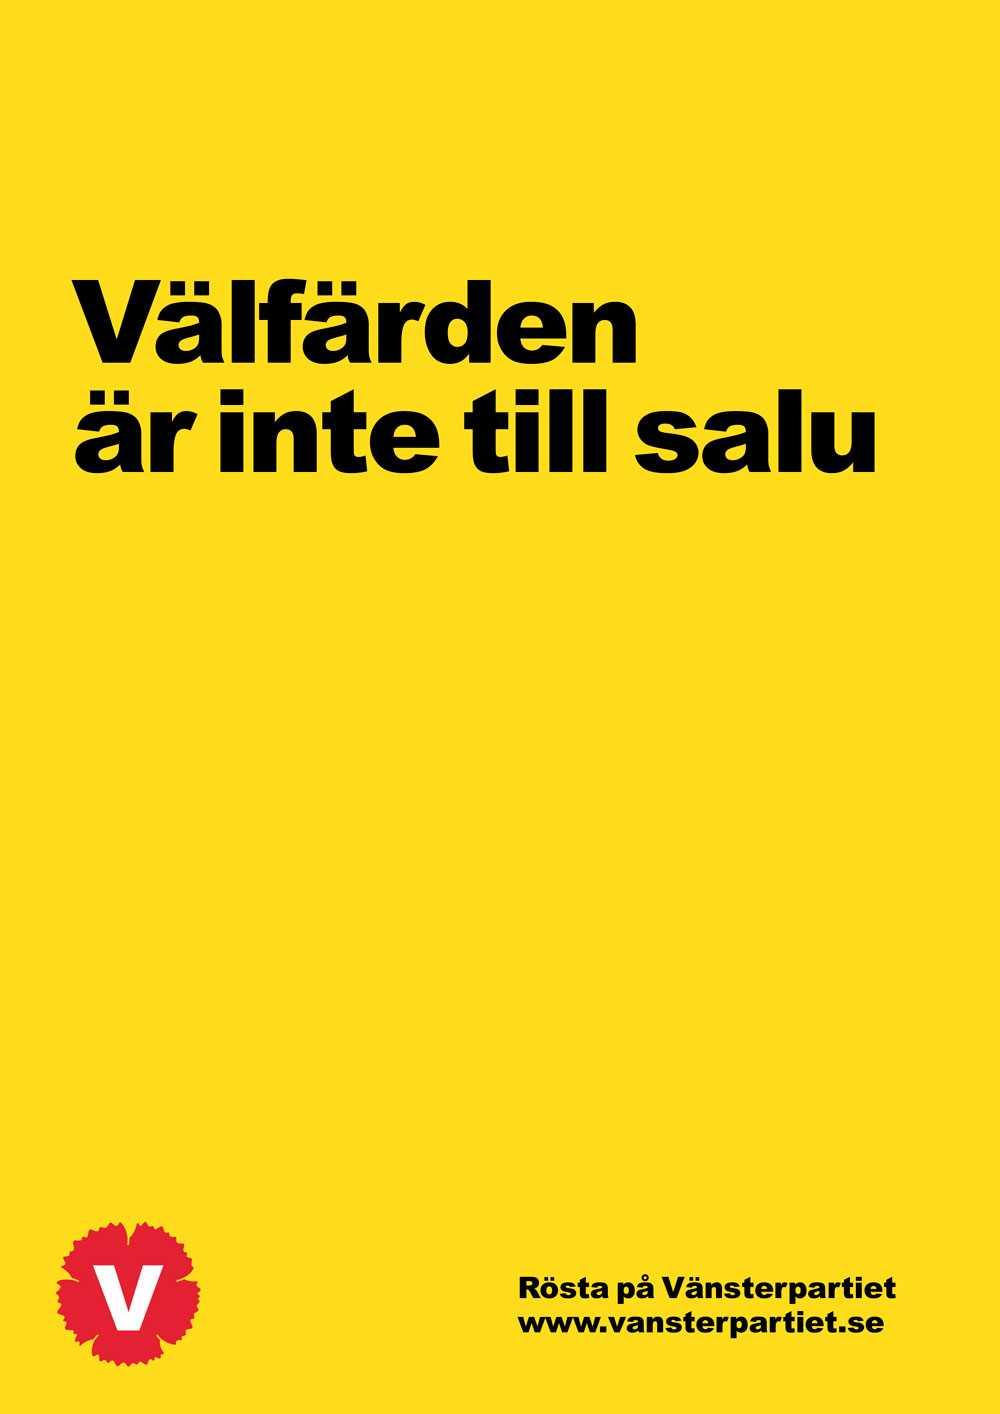 ++++ (4 plus) Henrik Torehammar: V jobbar med det ungdomligt autentiska – INGEN ÄGER MIG! Kunde gjorts ännu punkigare. Årets Schlingmanmoderater i att foka på ett budskap.